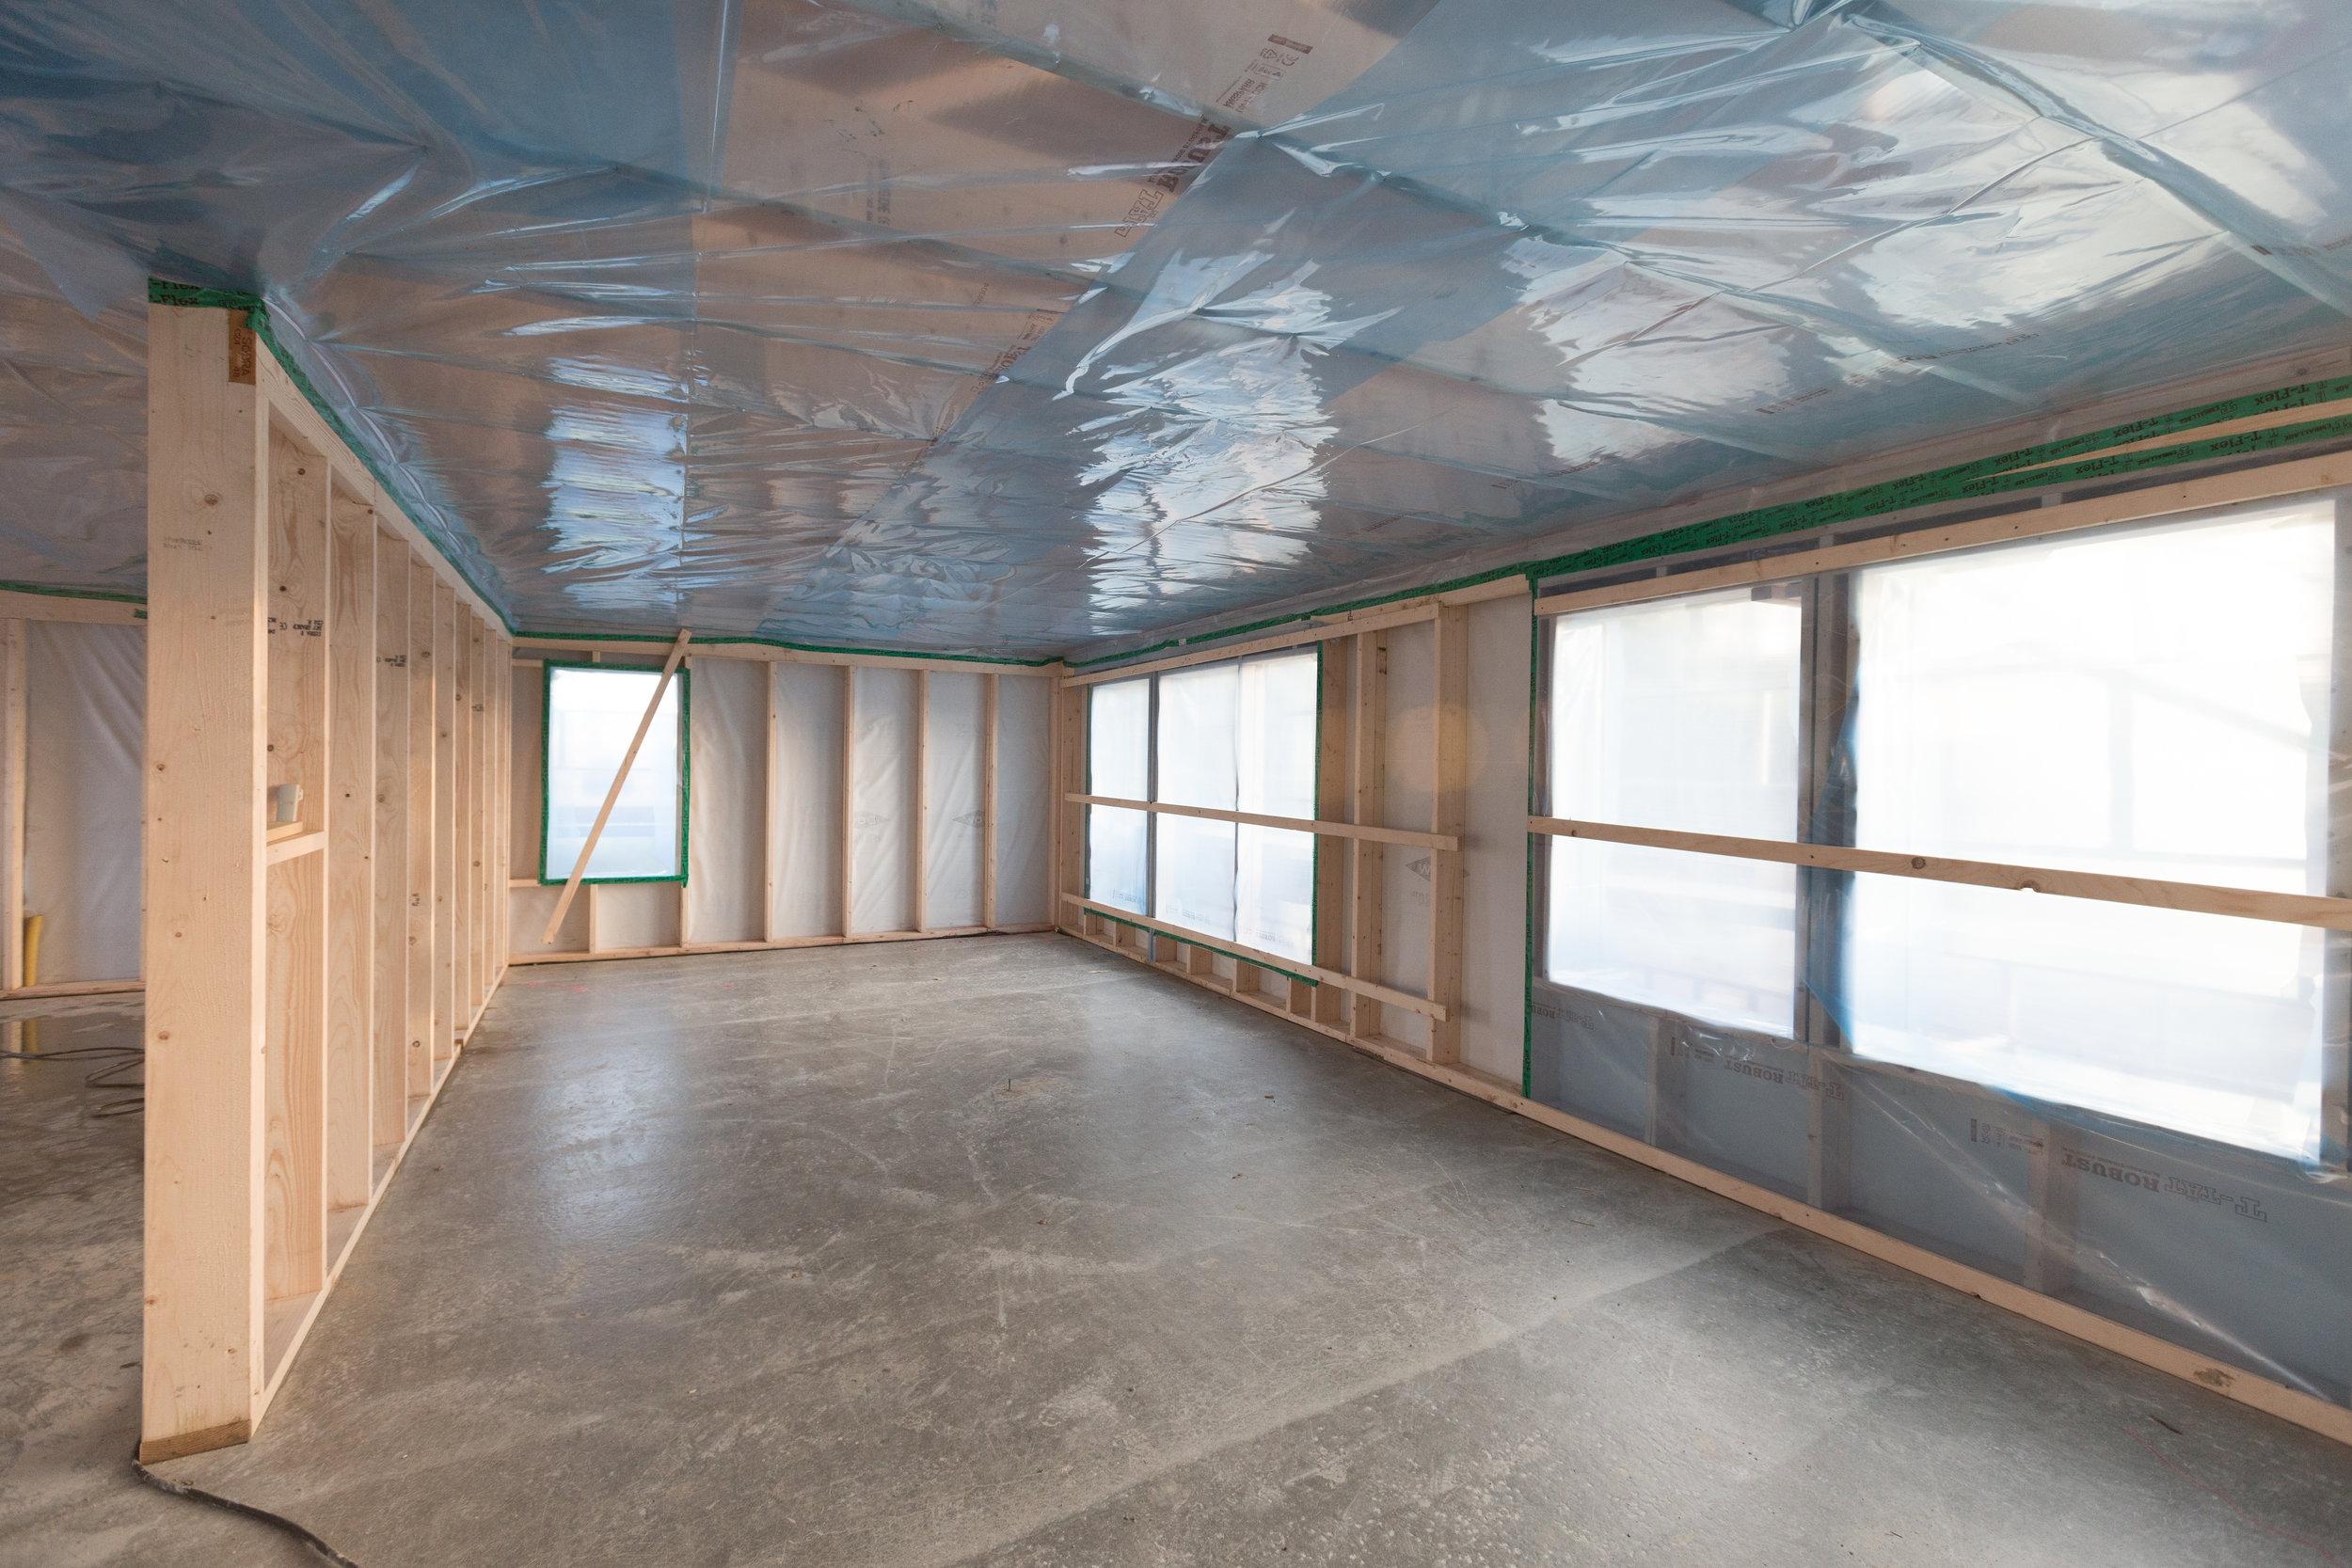 Hela nedervåningen är inplastad och avfuktare på plats. Golvvärmen kommer sen få ordentlig fart på uttorkningen av plattan.